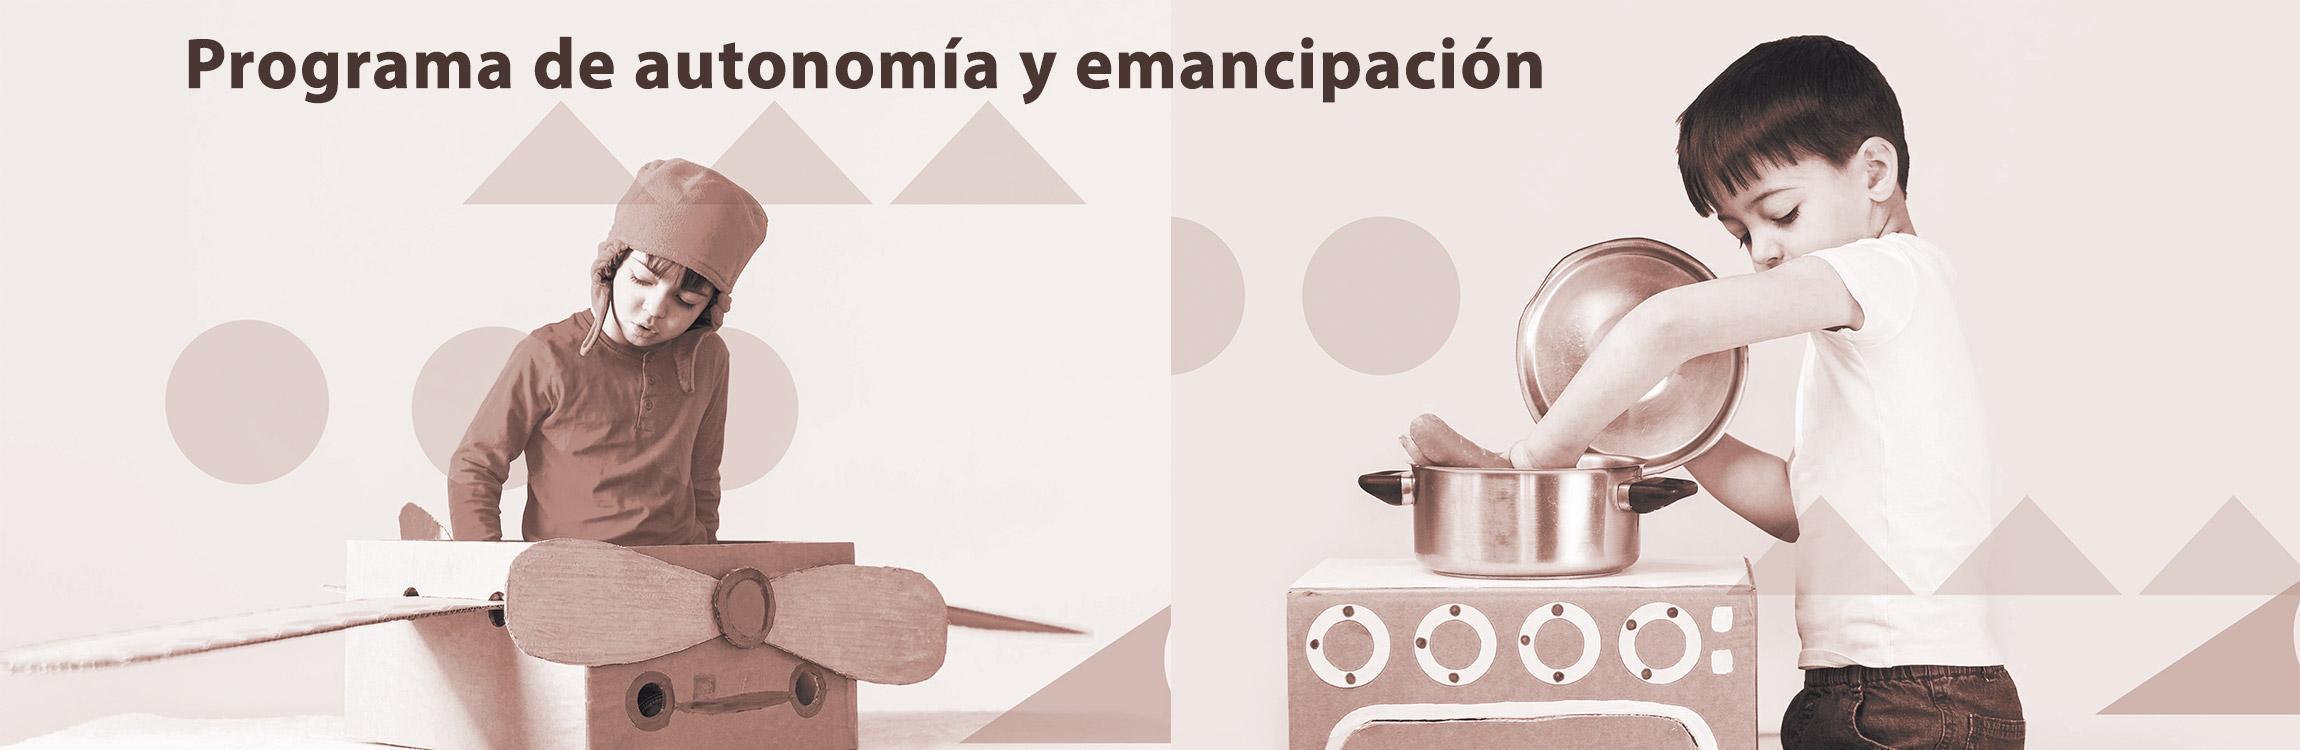 Imagen de la noticia Programa de autonomía y emancipación